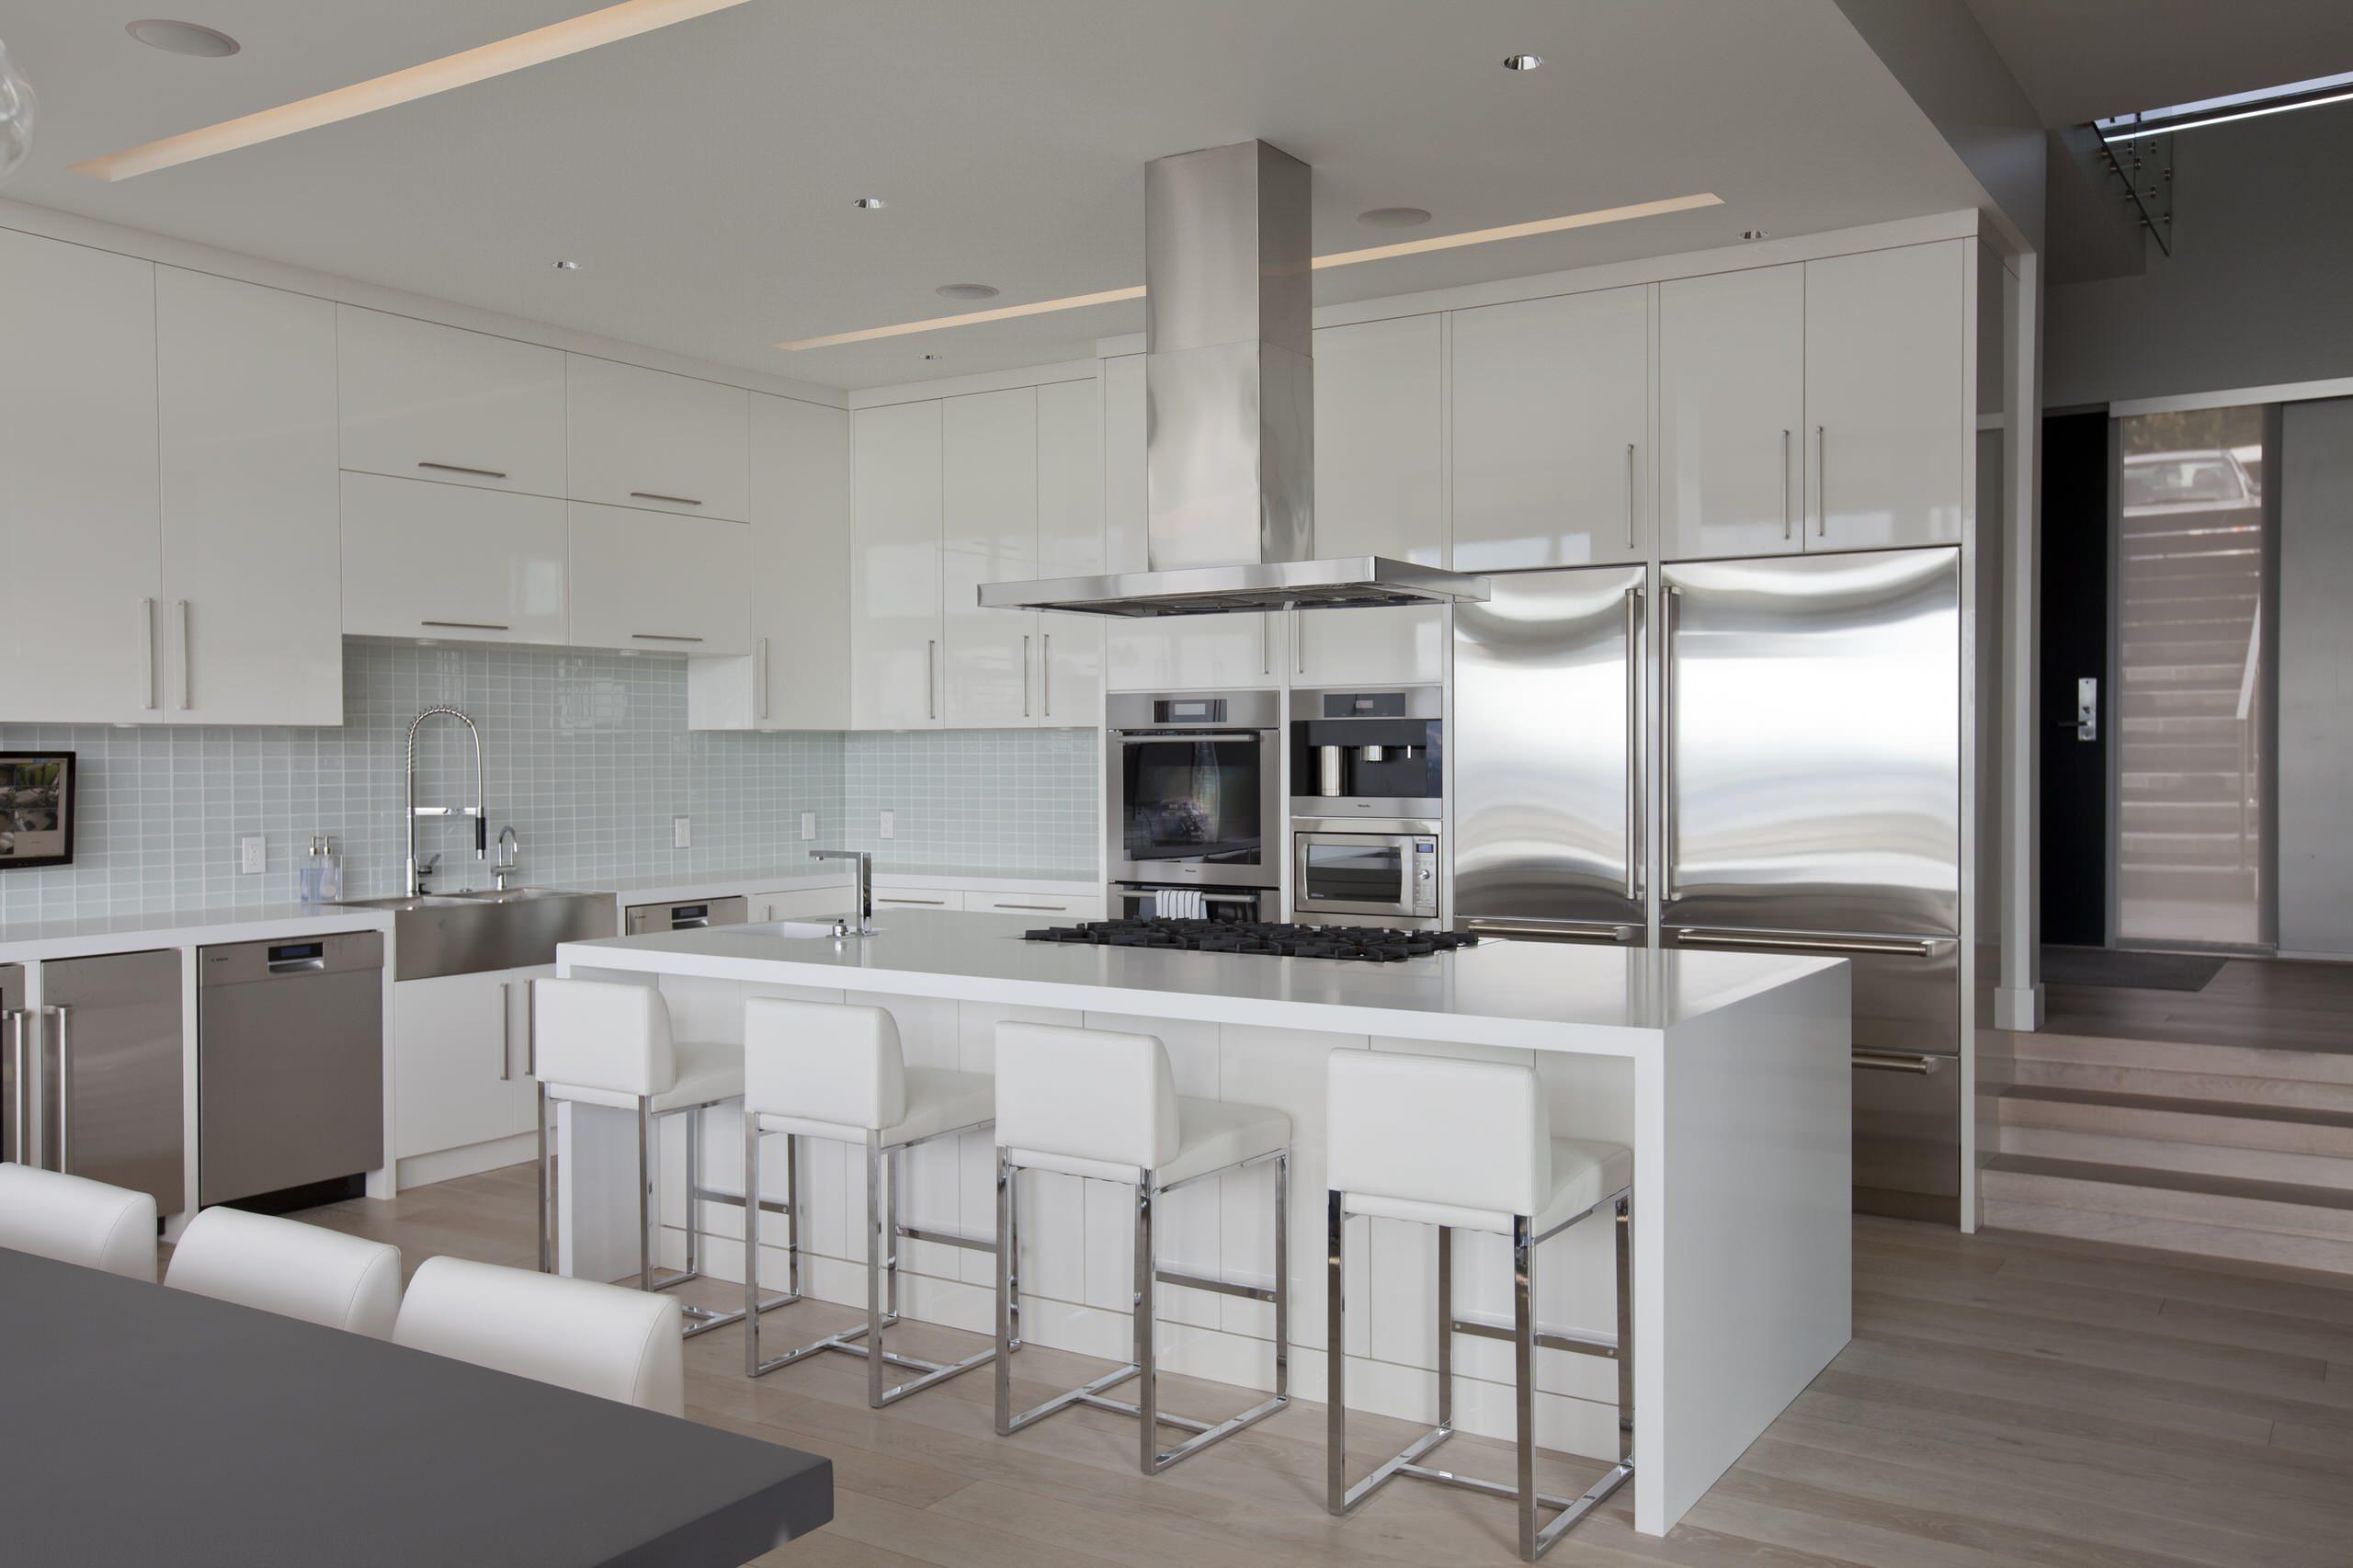 9 by 9 kitchen design